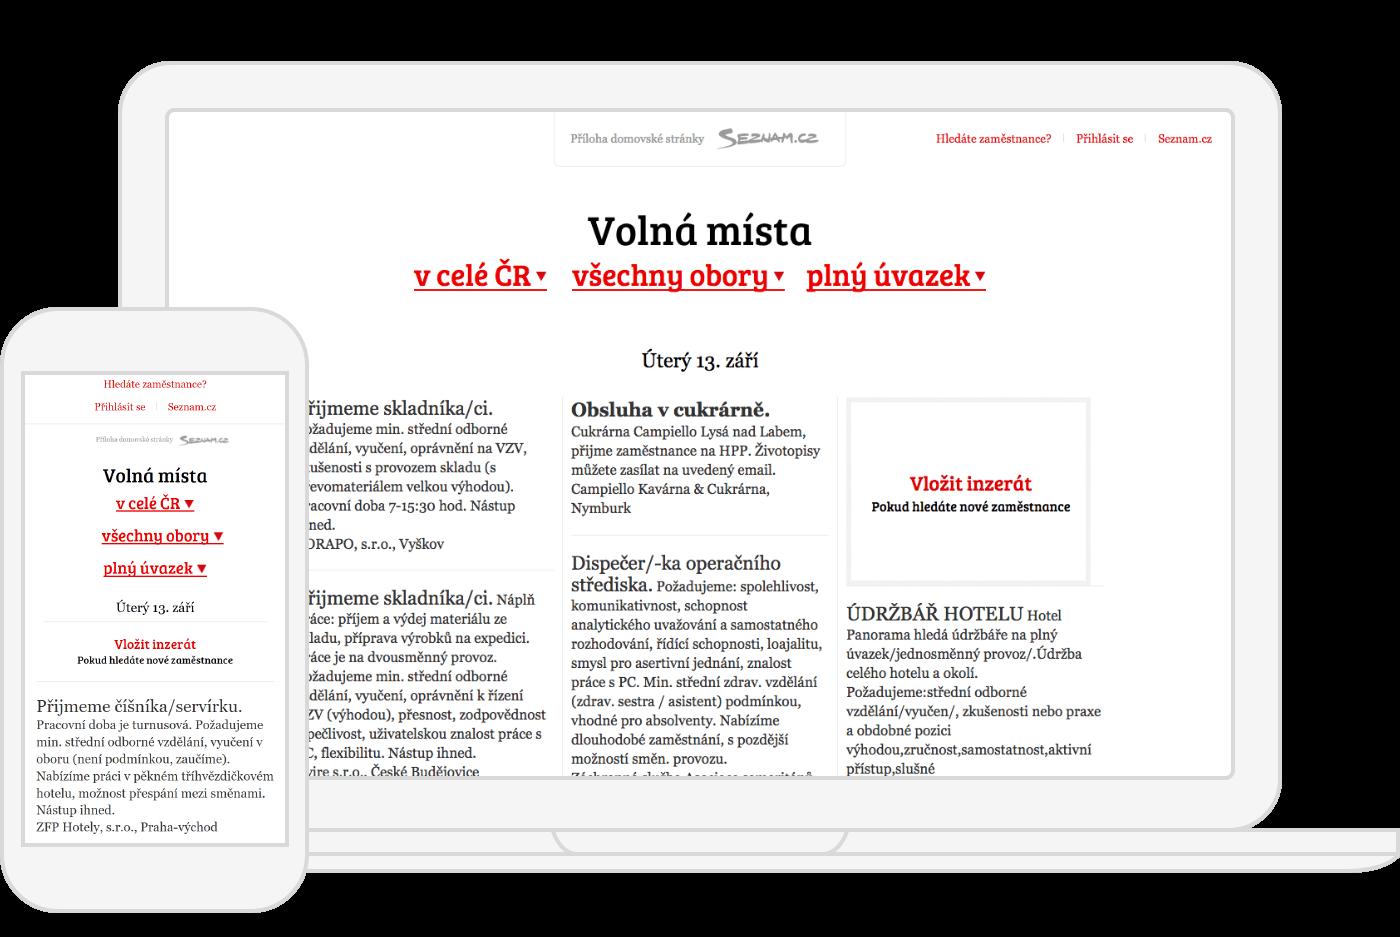 Example of Volnamista.cz